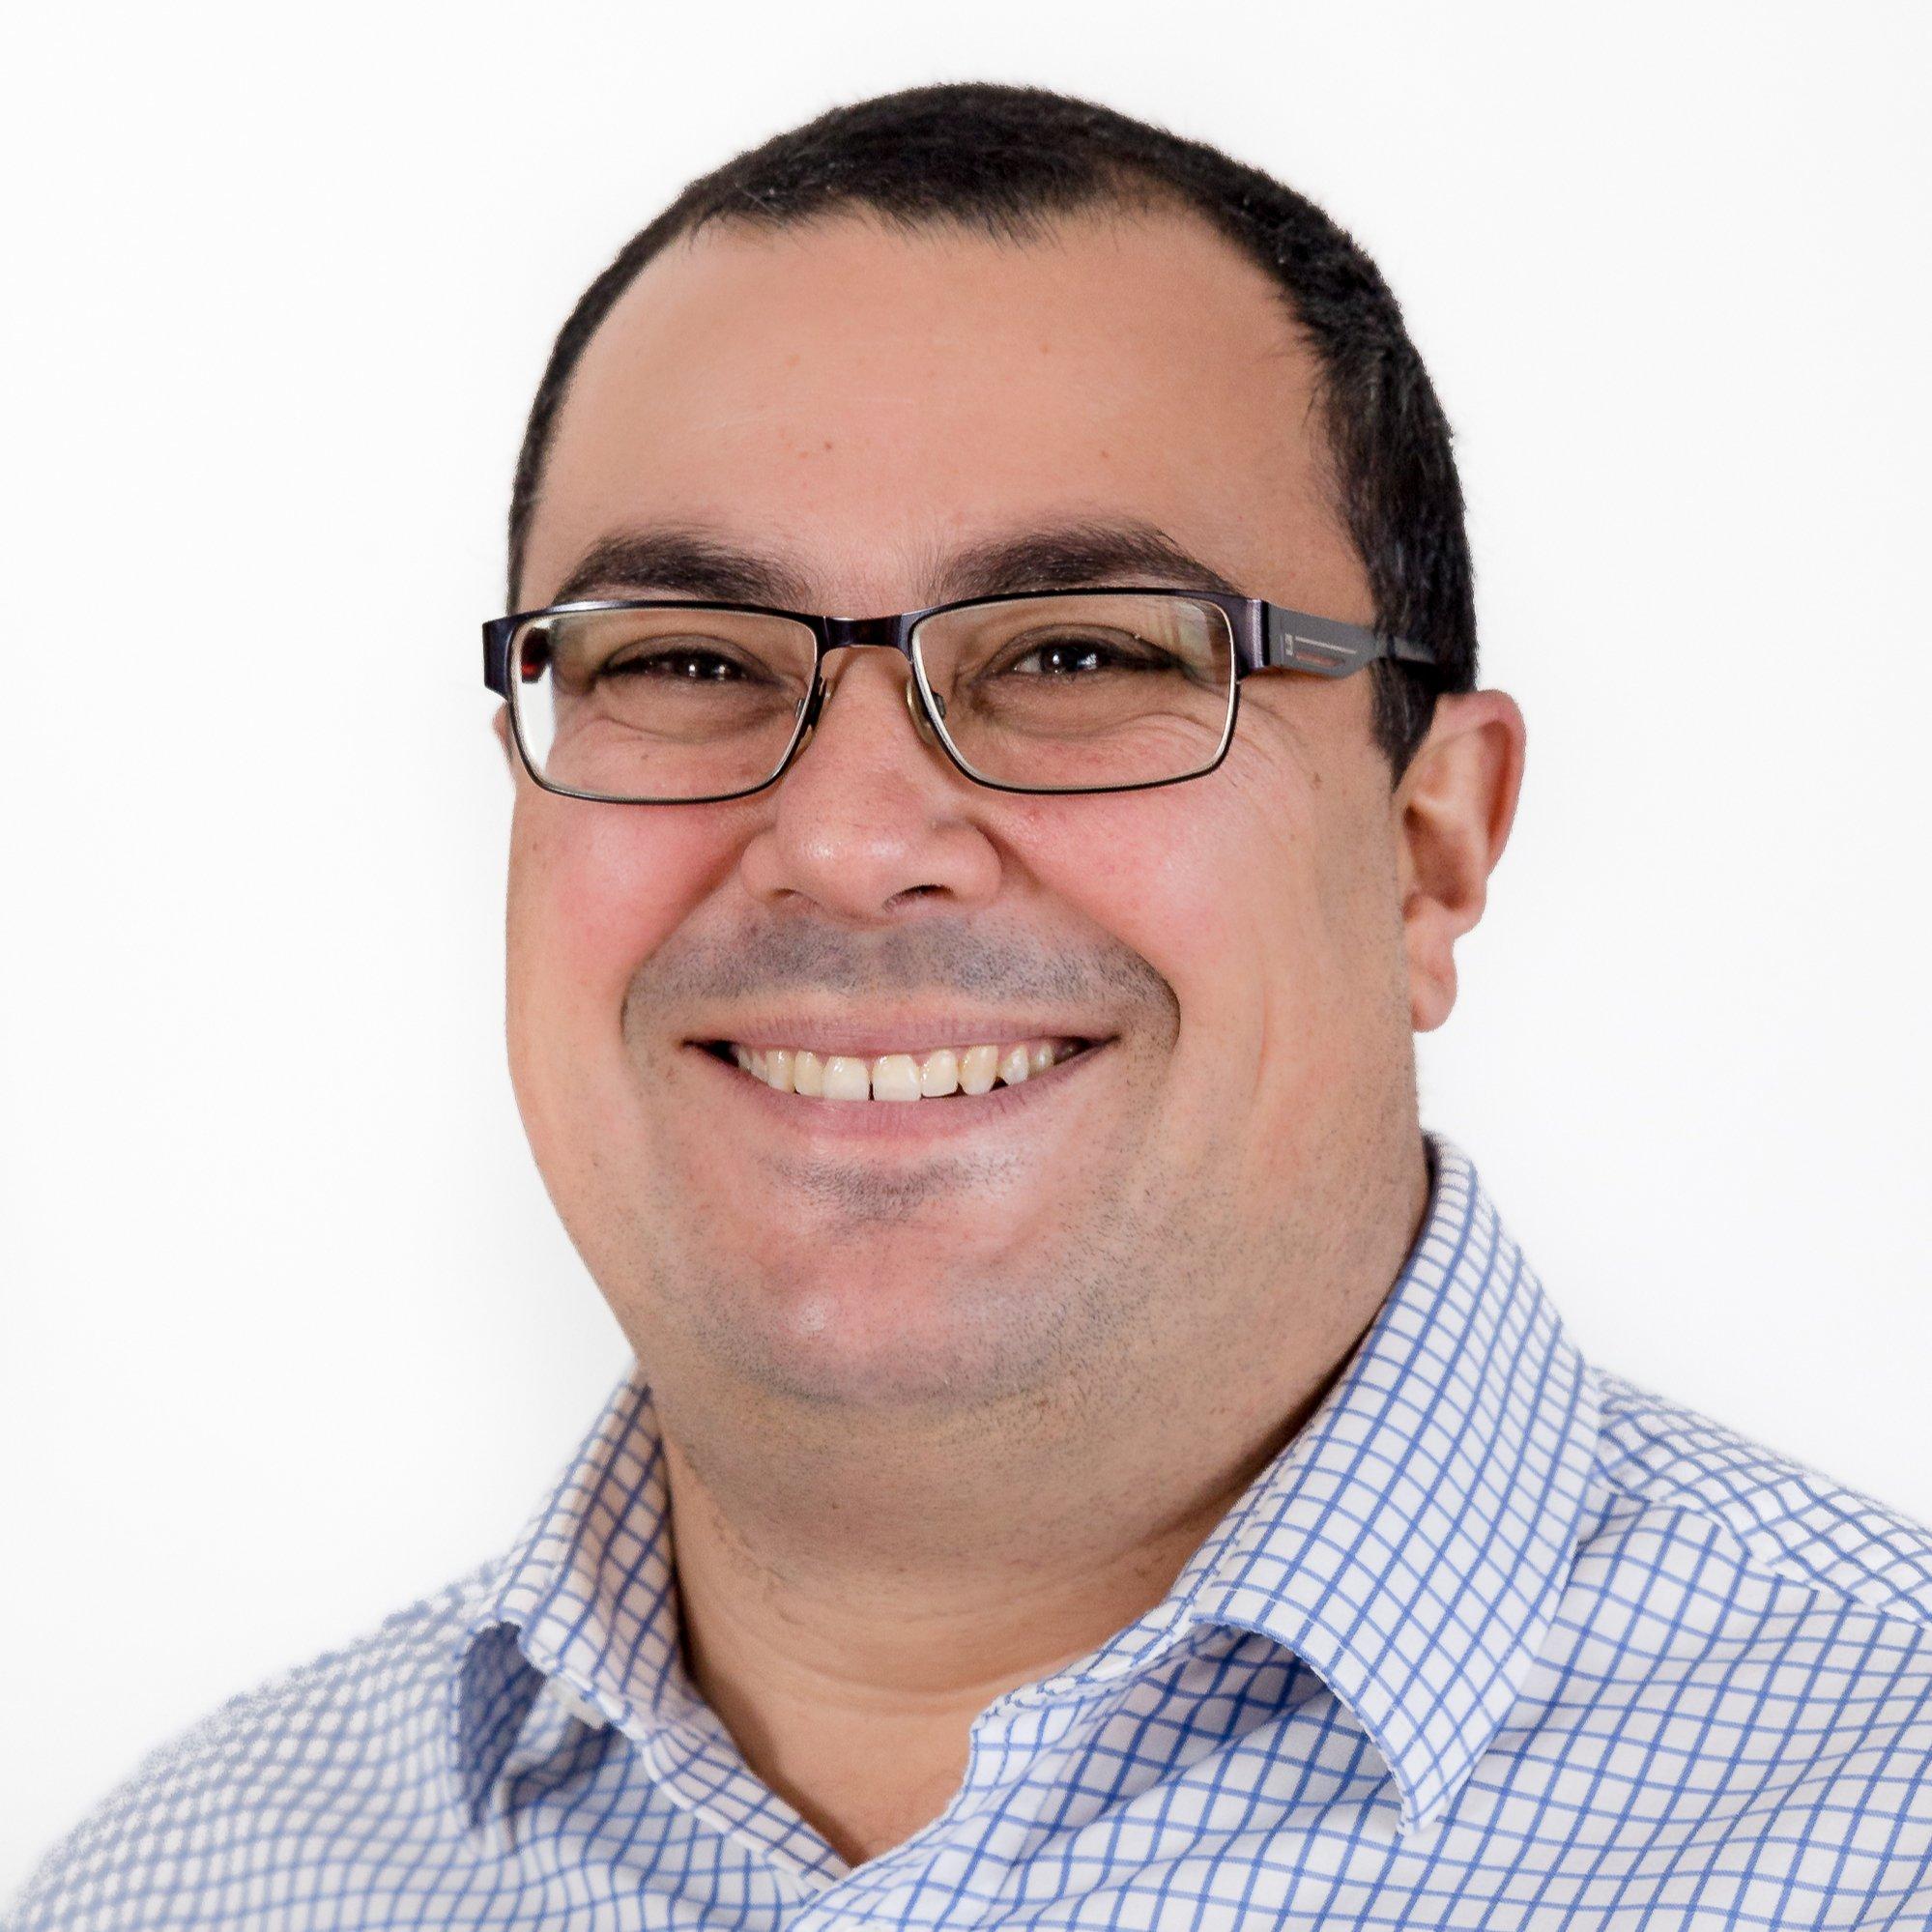 David Cavallaro